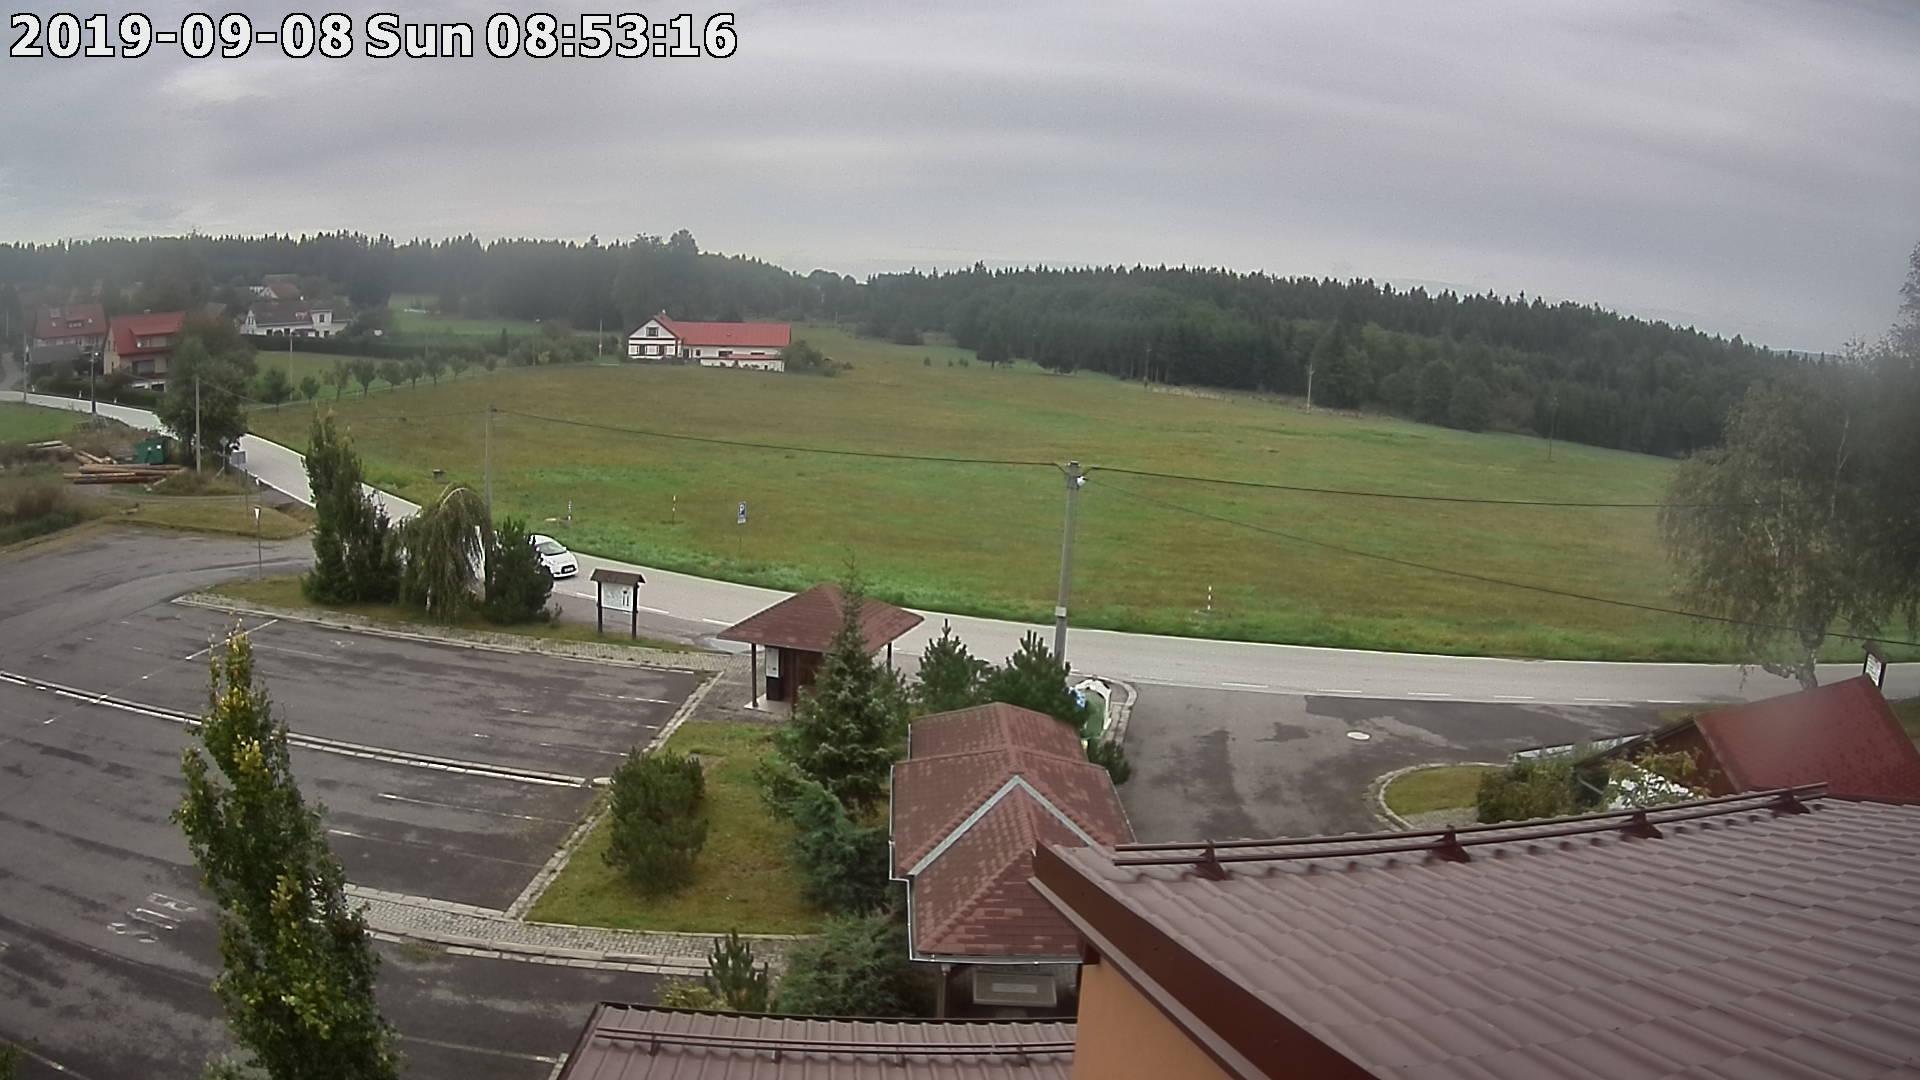 Webkamera ze dne 2019-09-08